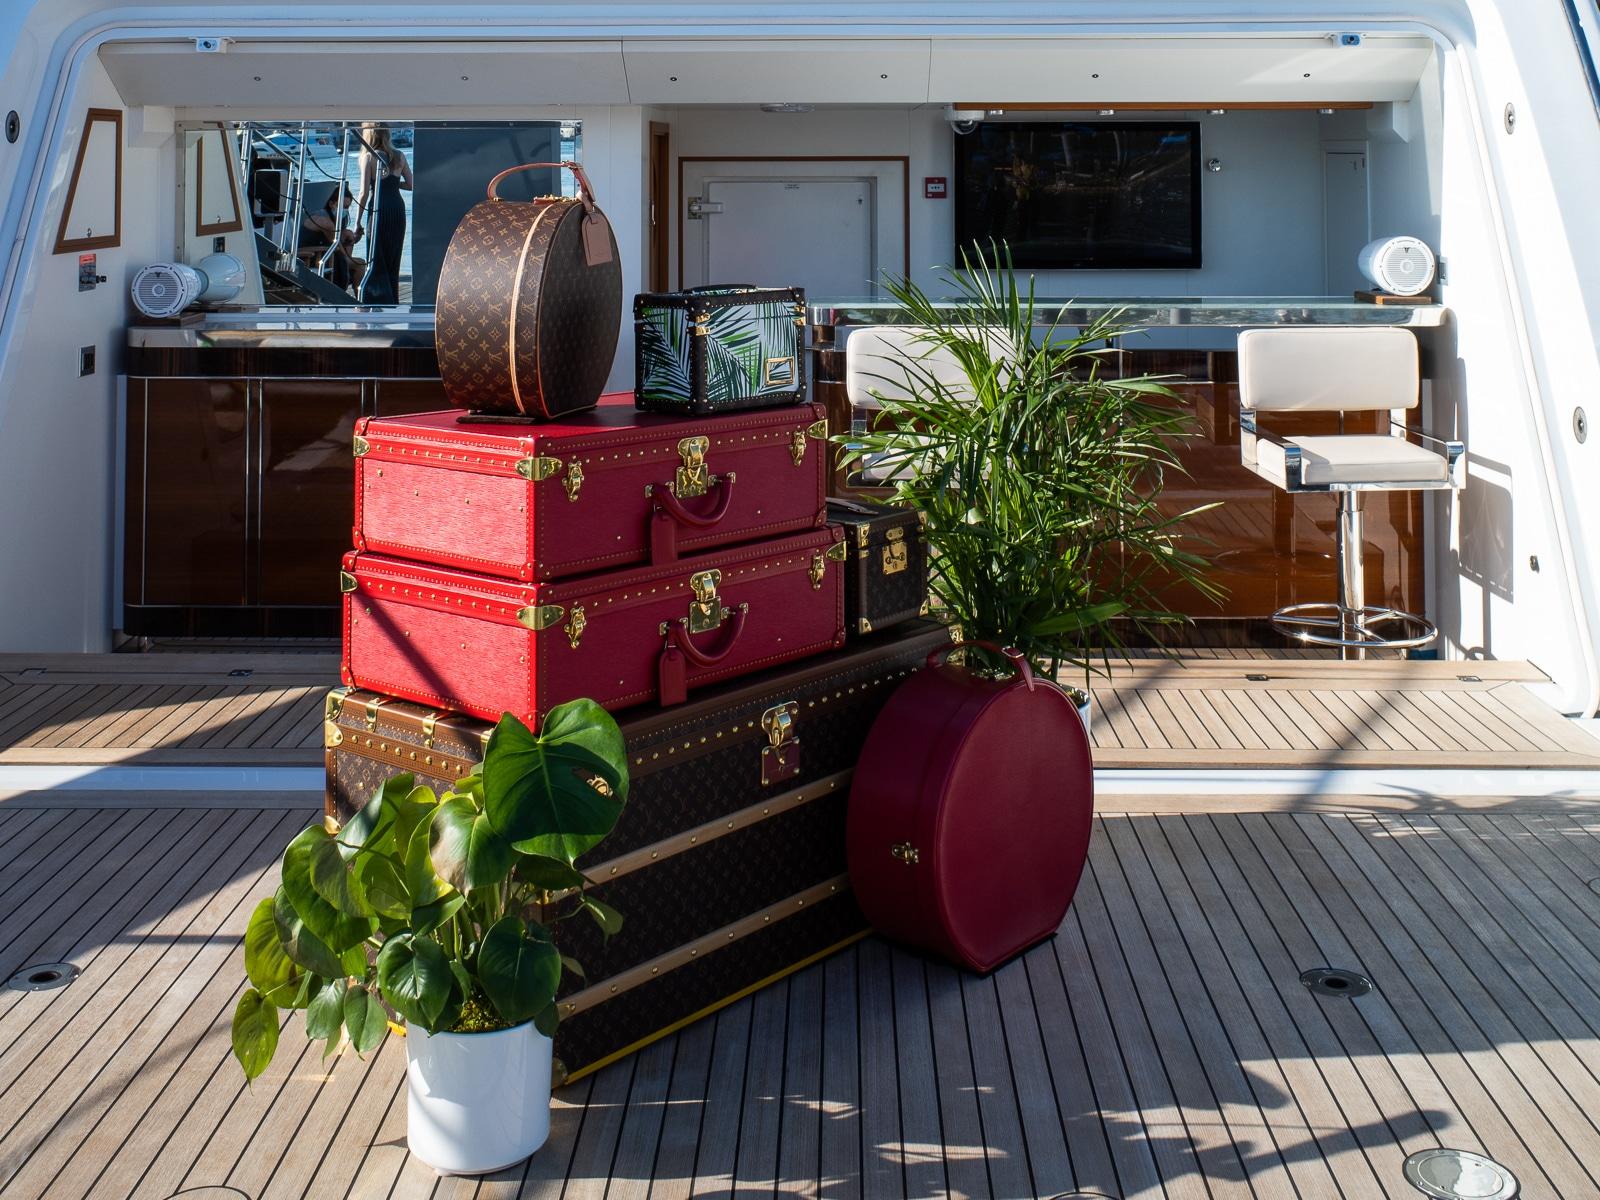 Louis Vuitton Exotics on a Miami Yacht